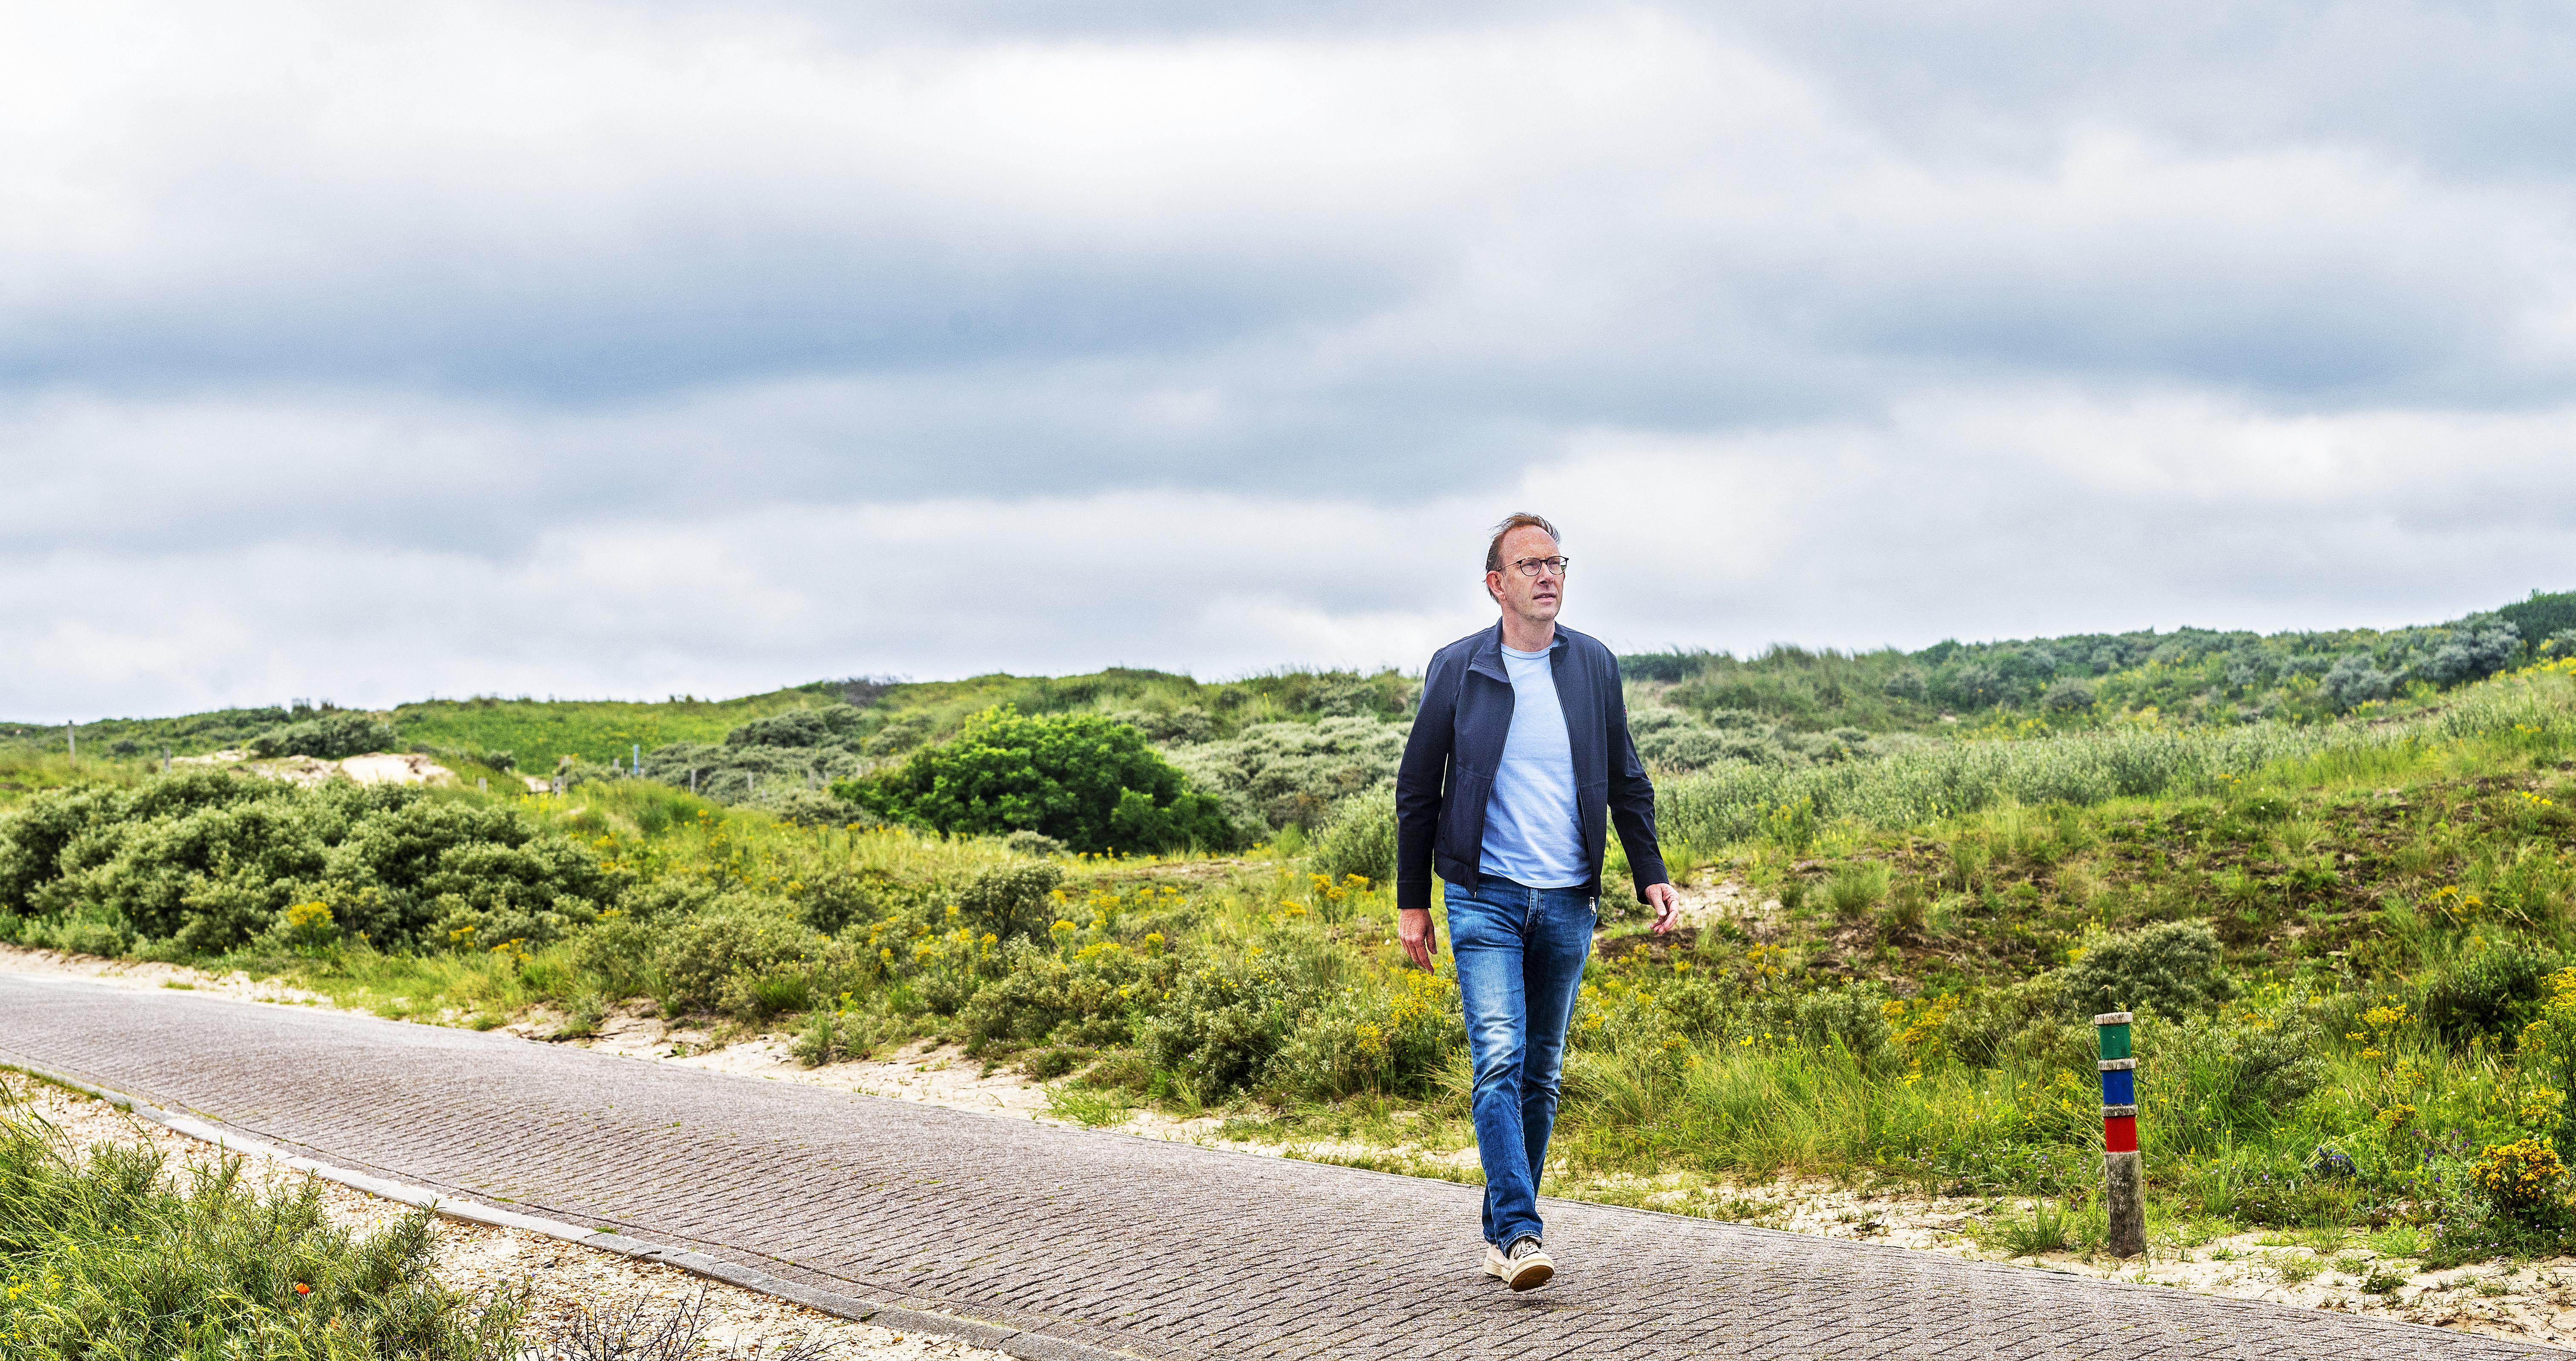 Op jacht naar een parnassia stuiten we in Bloemendaal op een enorme hazelworm die voor onze voeten kronkelt; wandeling met schrijver Martin Hendriksma | Serie